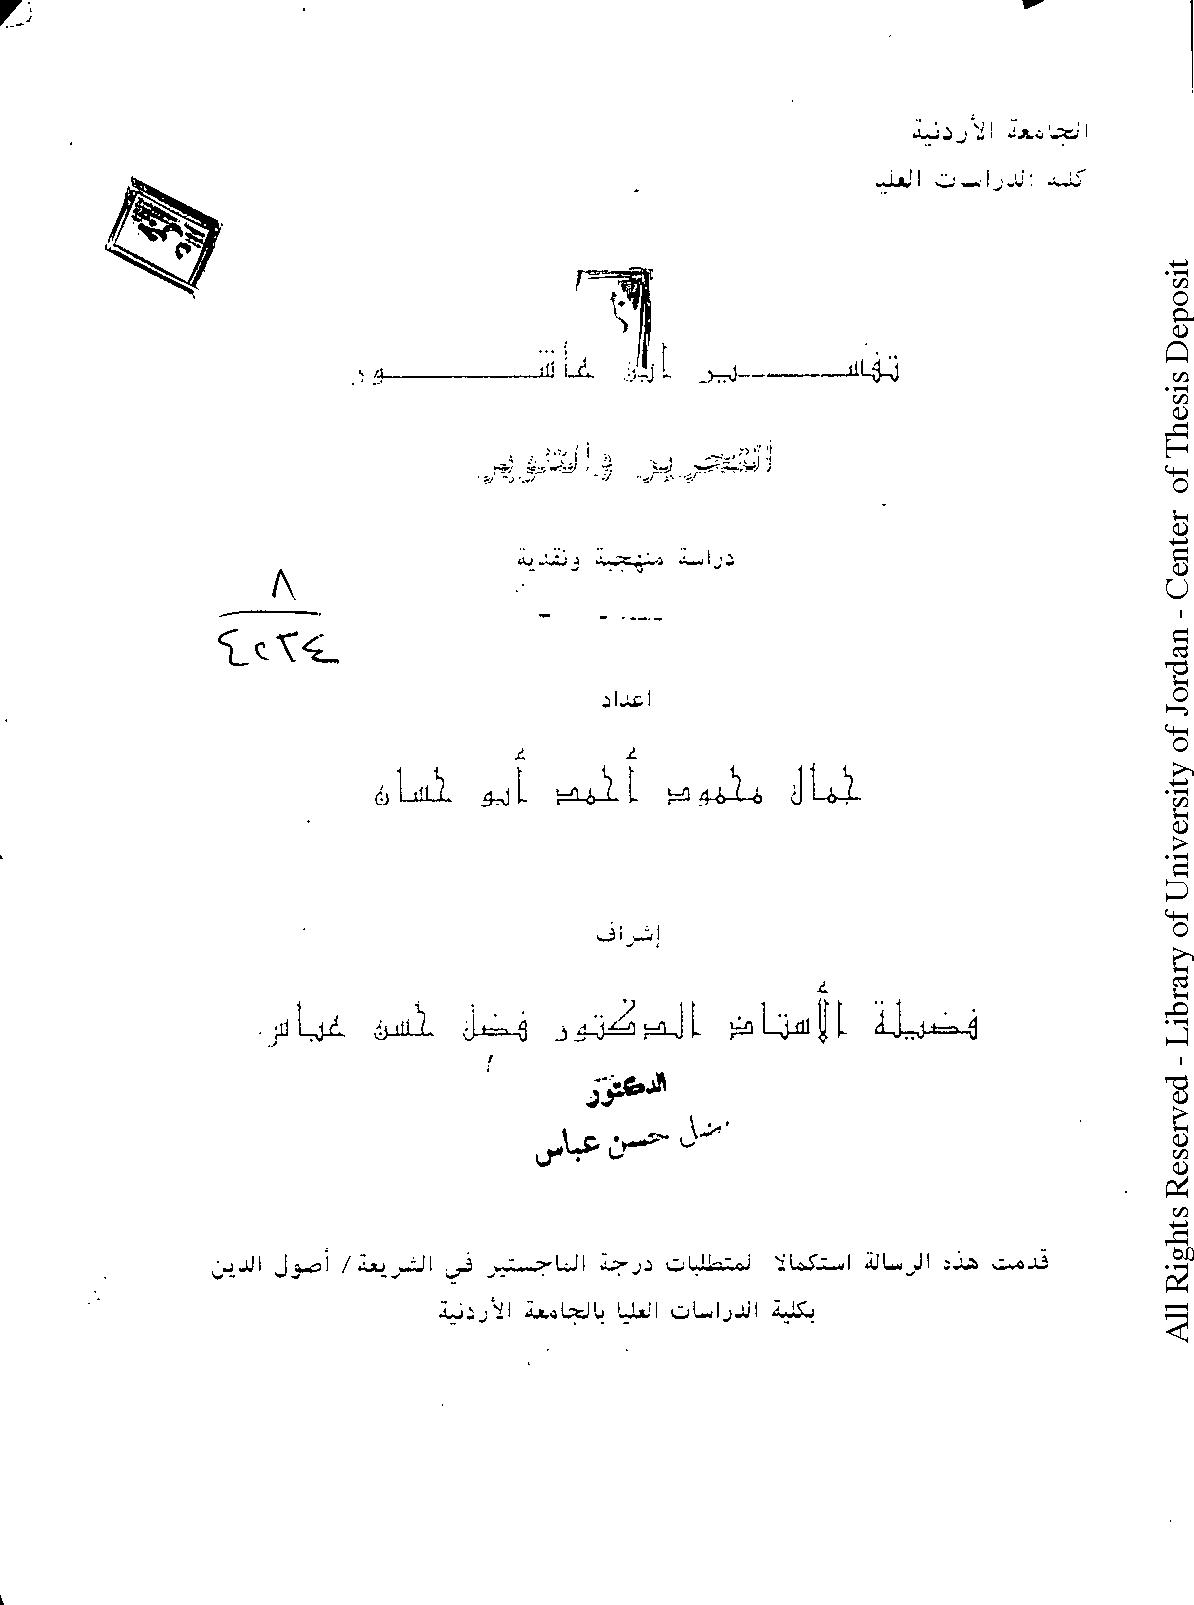 تحميل كتاب تفسير ابن عاشور «التحرير والتنوير» (دراسة منهجية ونقدية) لـِ: الدكتور جمال محمود أحمد أبو حسان